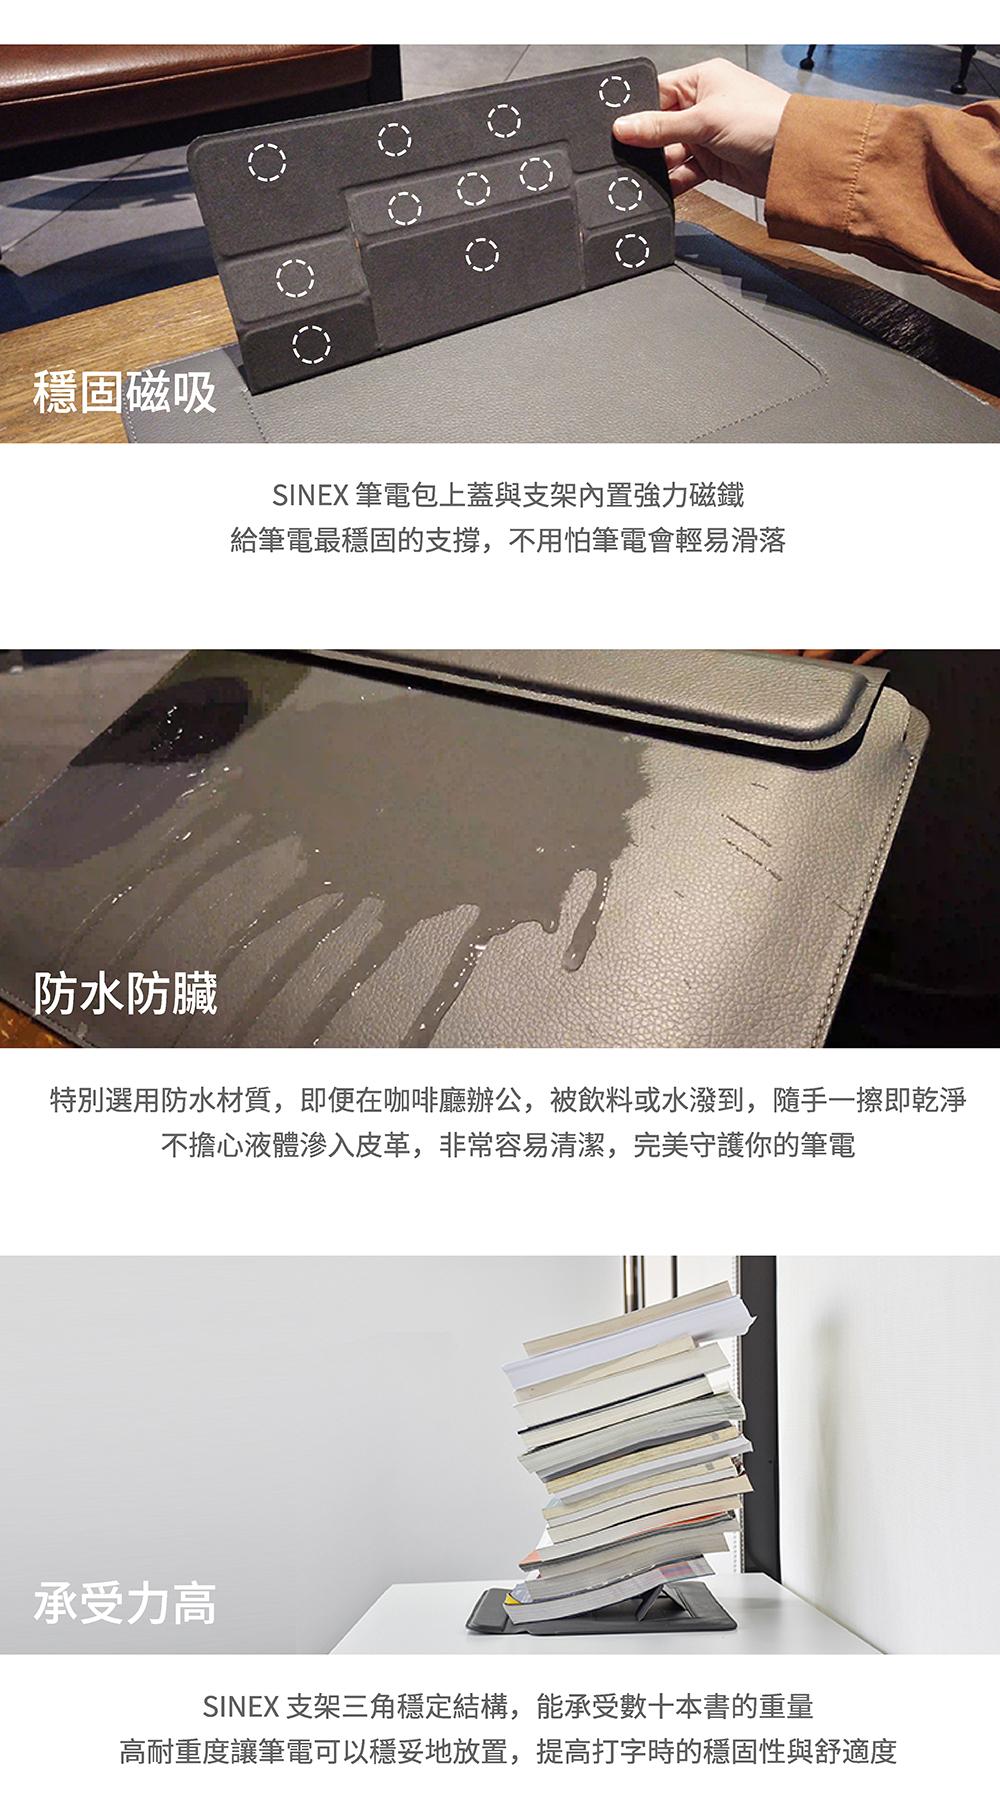 【SINEX】全球首款 3 合 1 變形筆電包 適用13/14吋筆電 (收納包+筆電架+鍵盤手托) - SINEX電腦包簡介 07